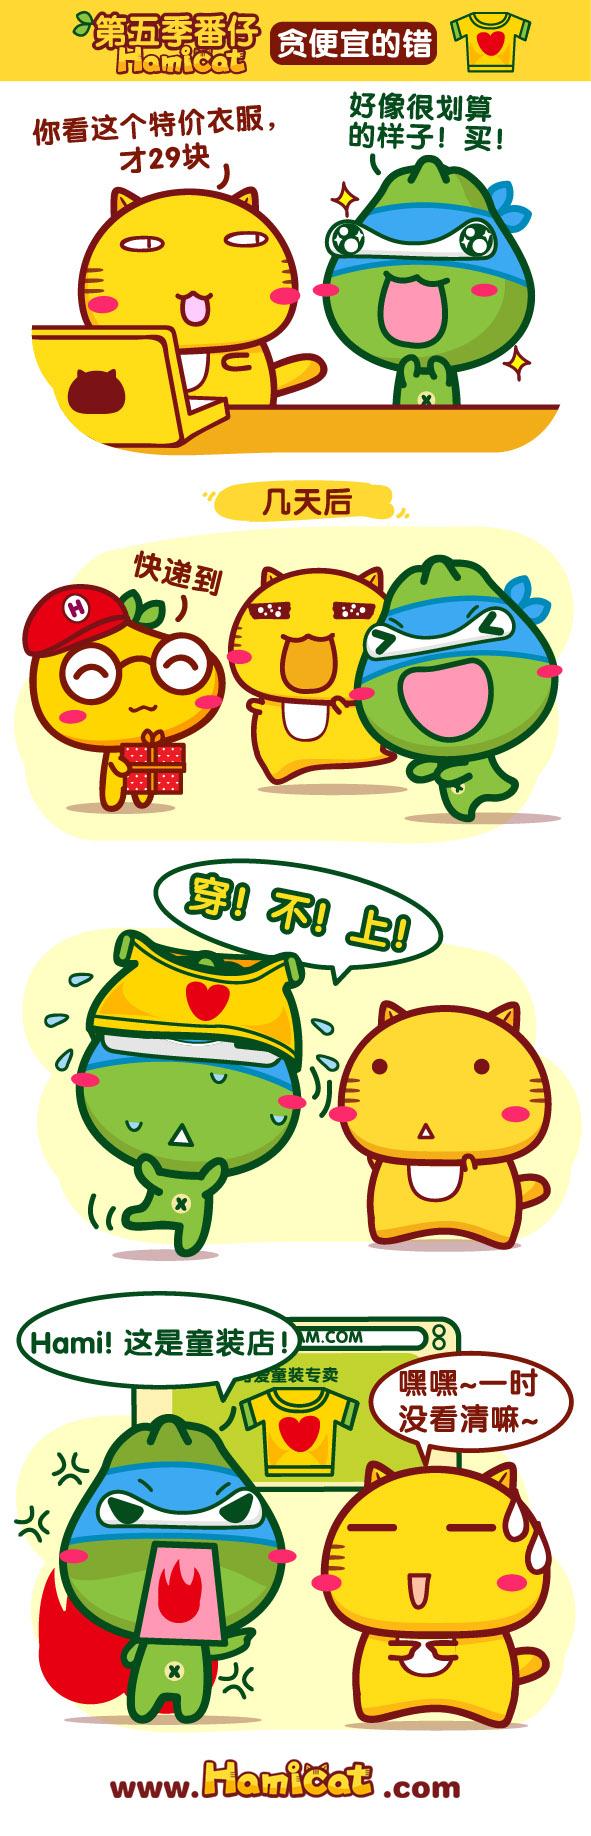 健力宝x哈咪猫漫画3月-03.jpg